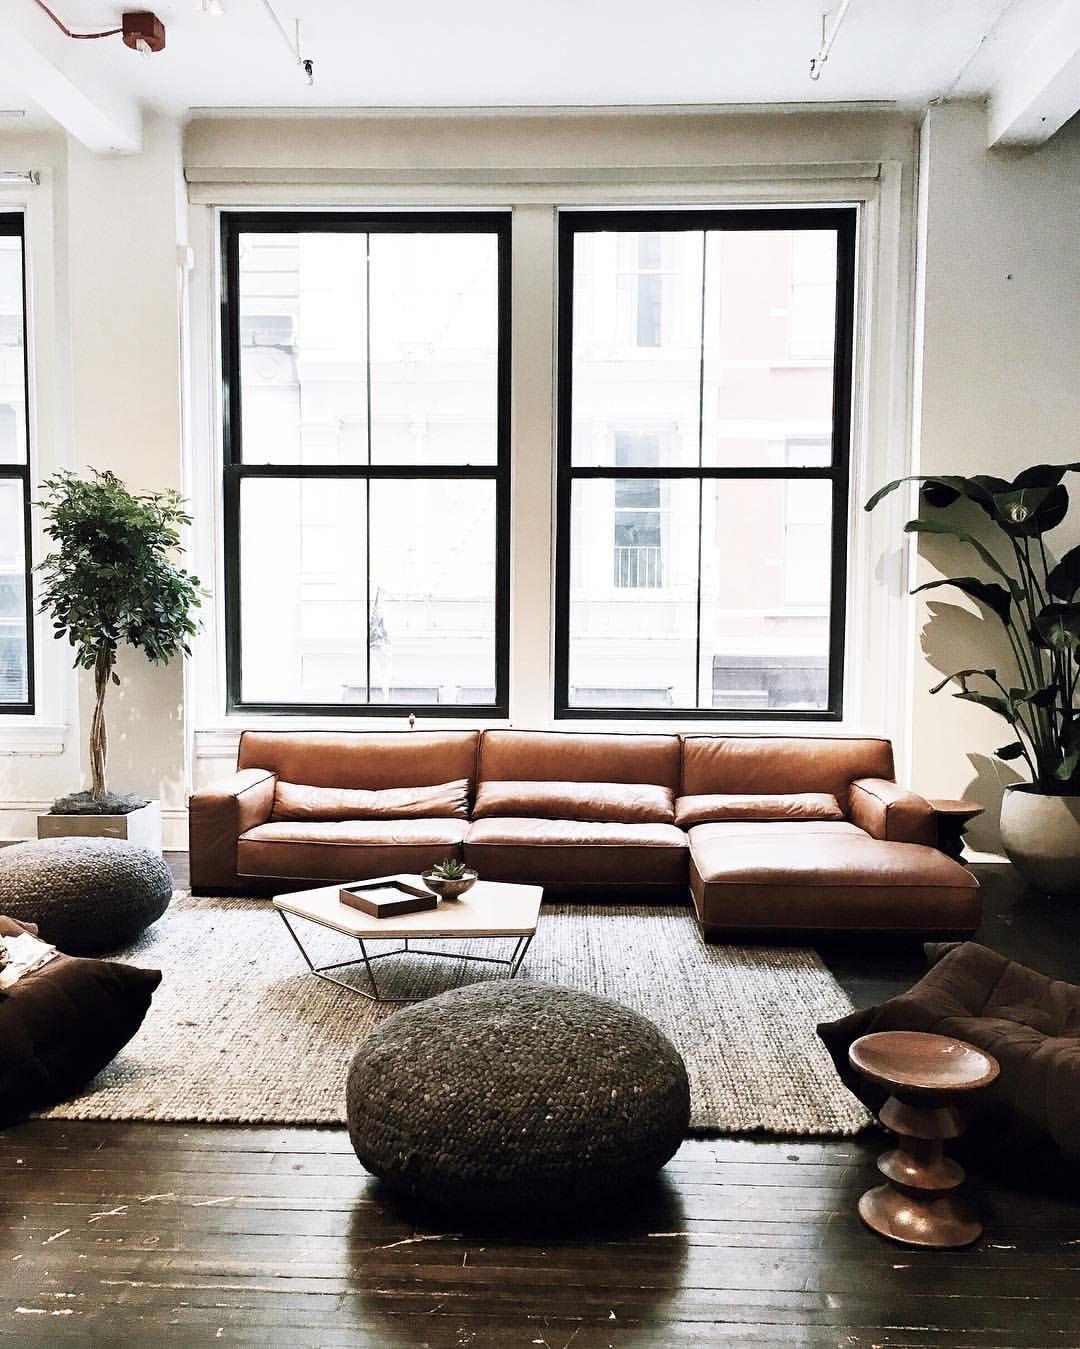 Open loft bedroom ideas  home loft apartment flat living spaces interior exterior